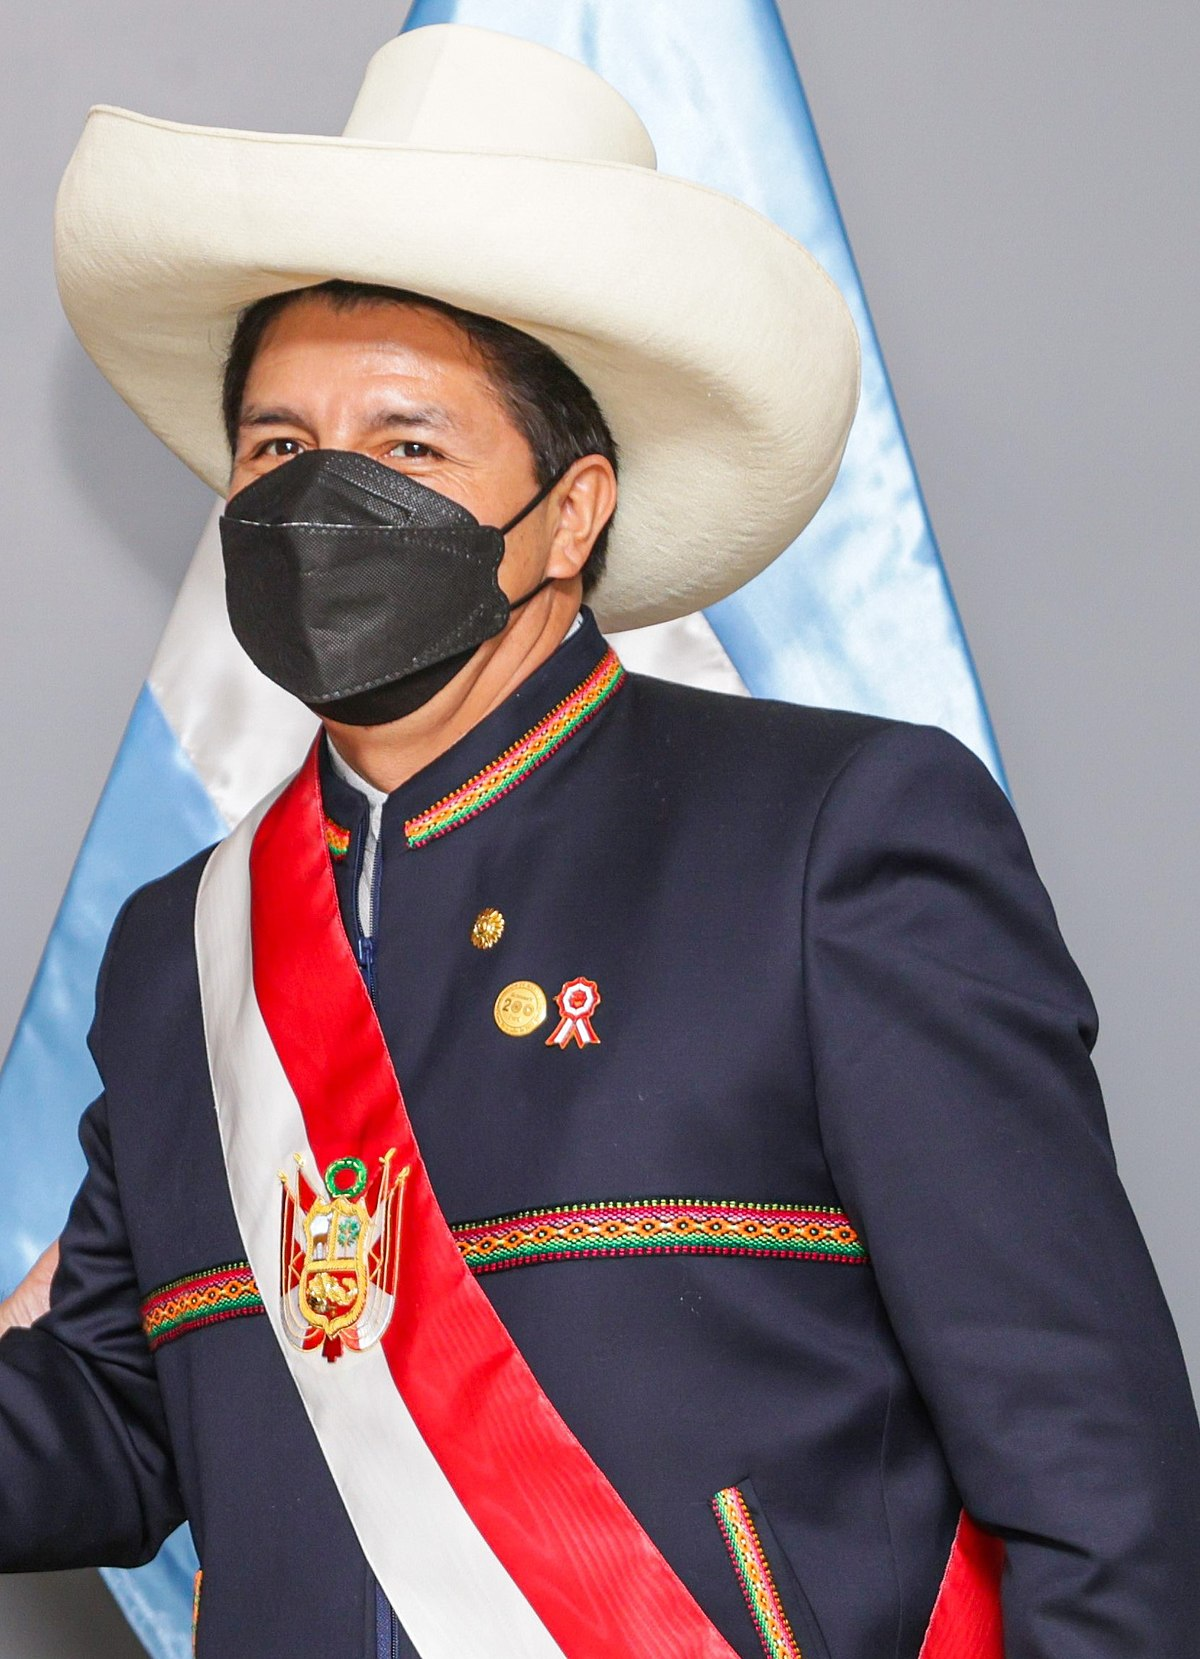 Gobierno de Pedro Castillo - Wikipedia, la enciclopedia libre